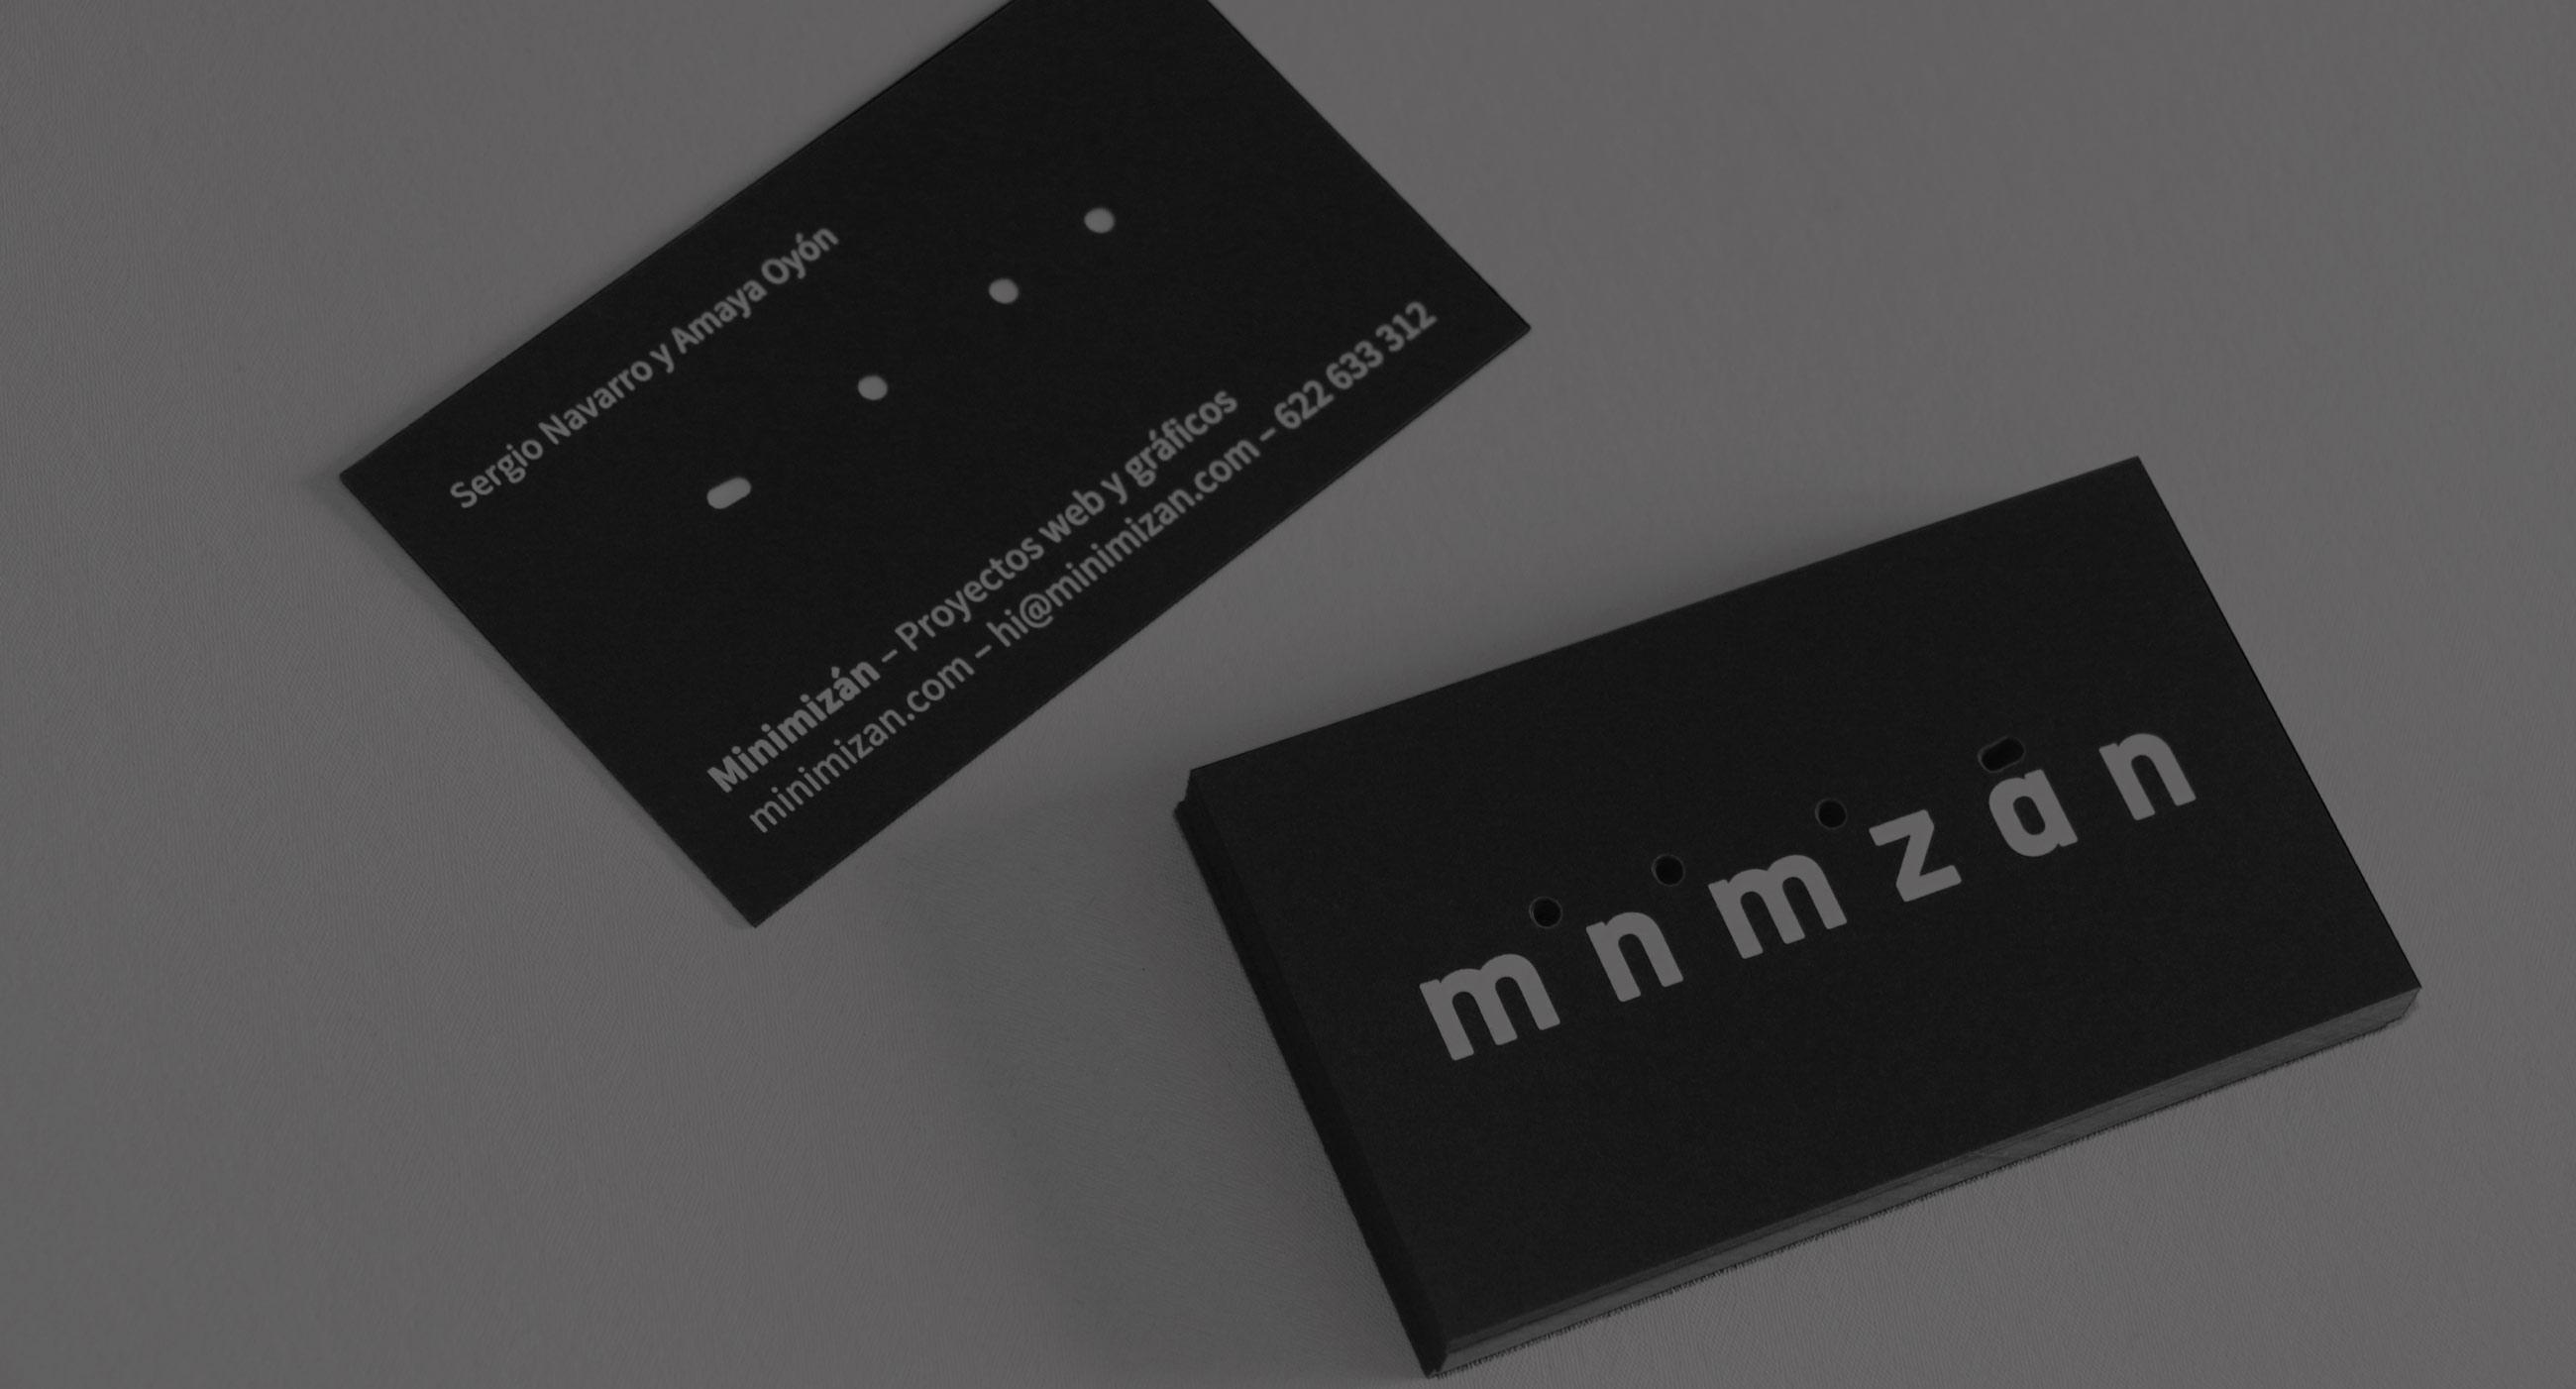 diseño de tarjetas corporativas de Minimizán vista anverso y reverso